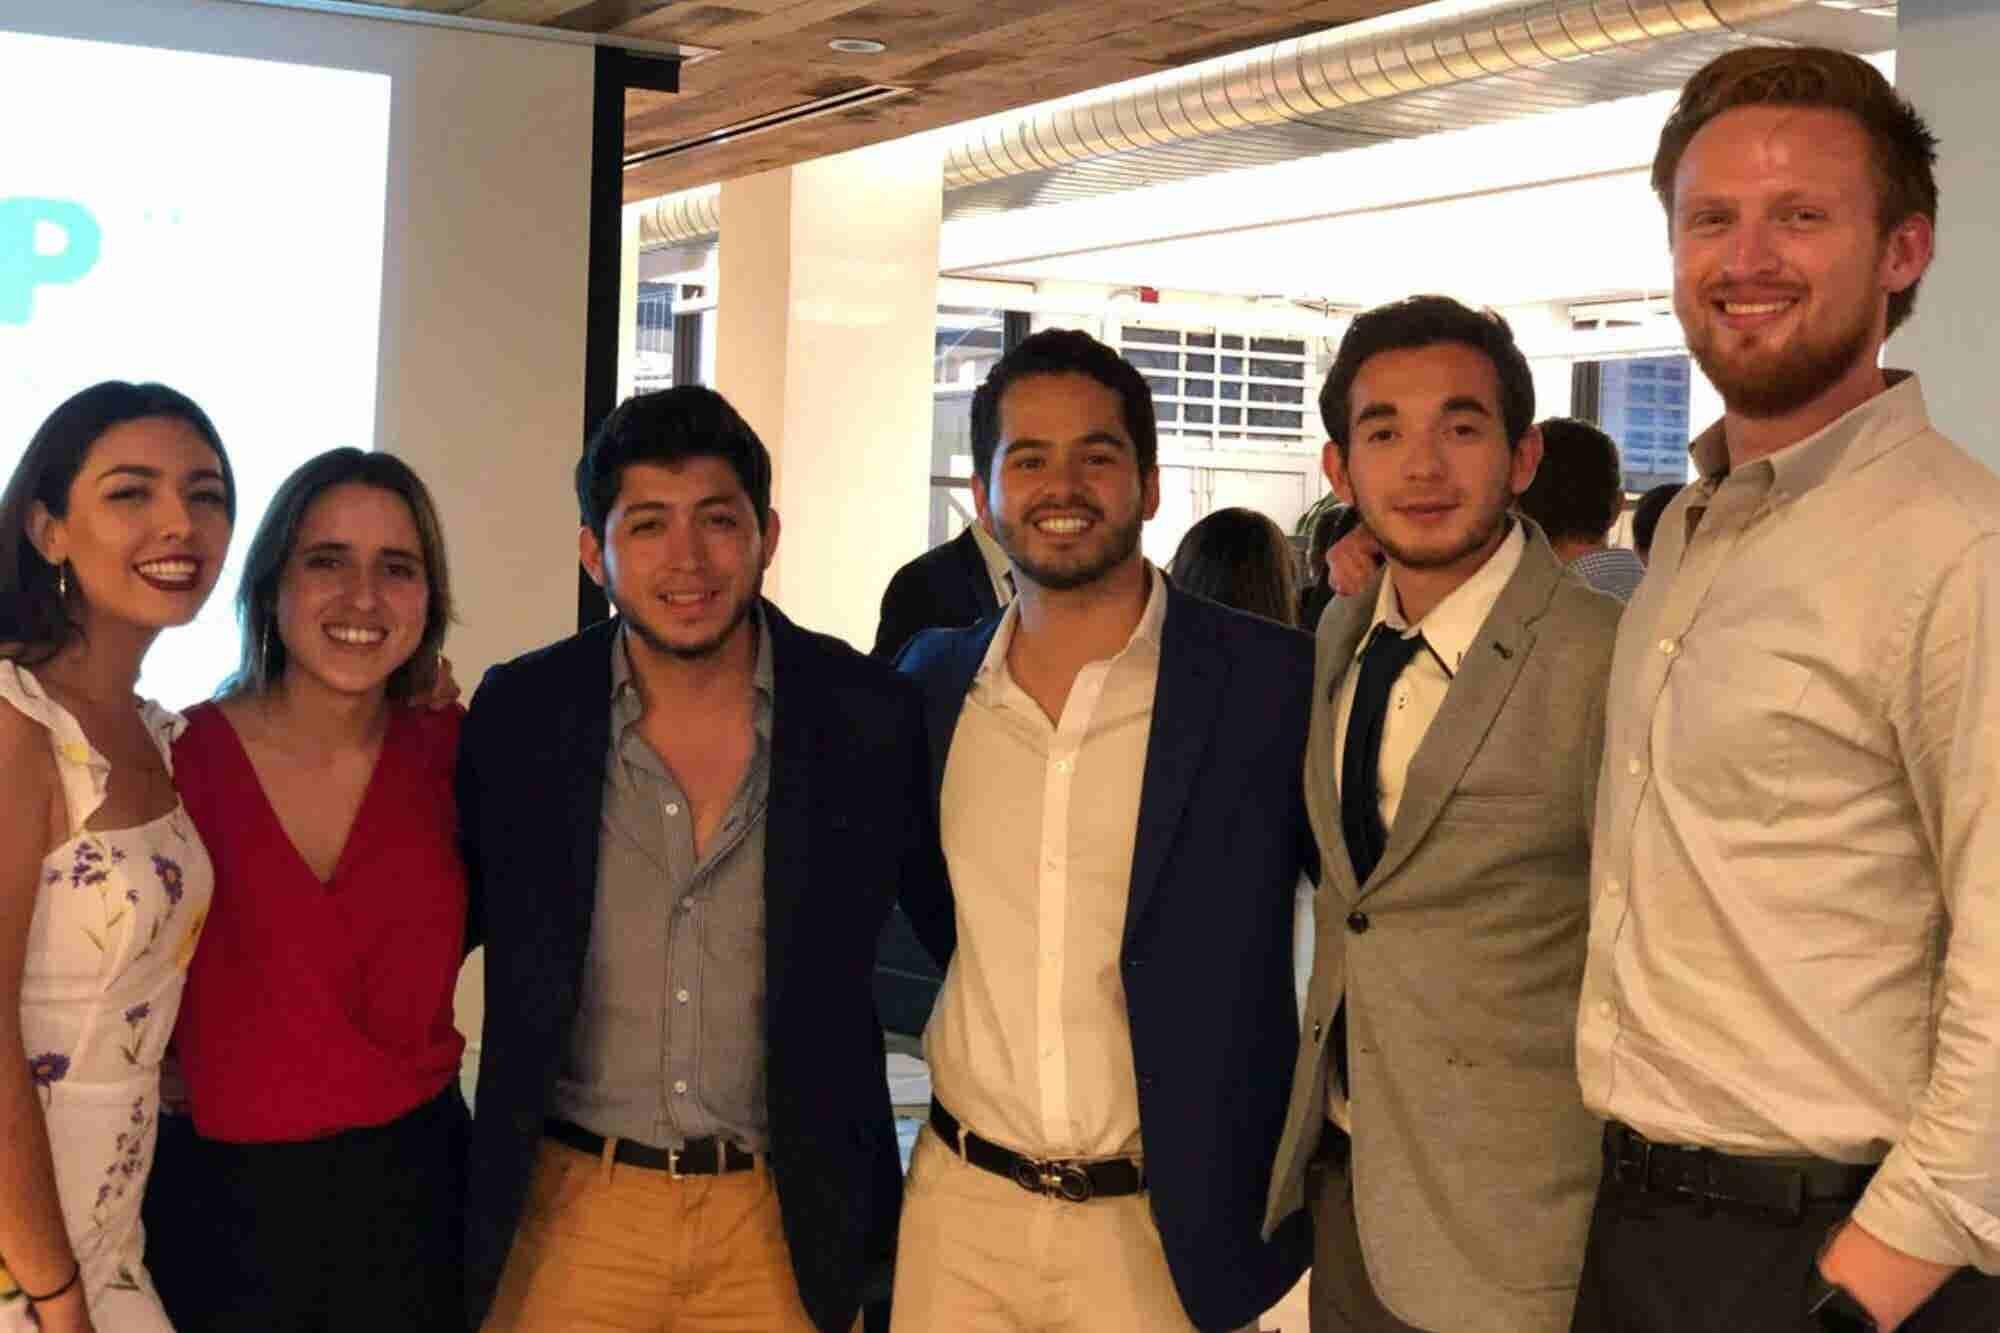 Estos emprendedores mexicanos triunfaron en NY con su proyecto de inteligencia artificial